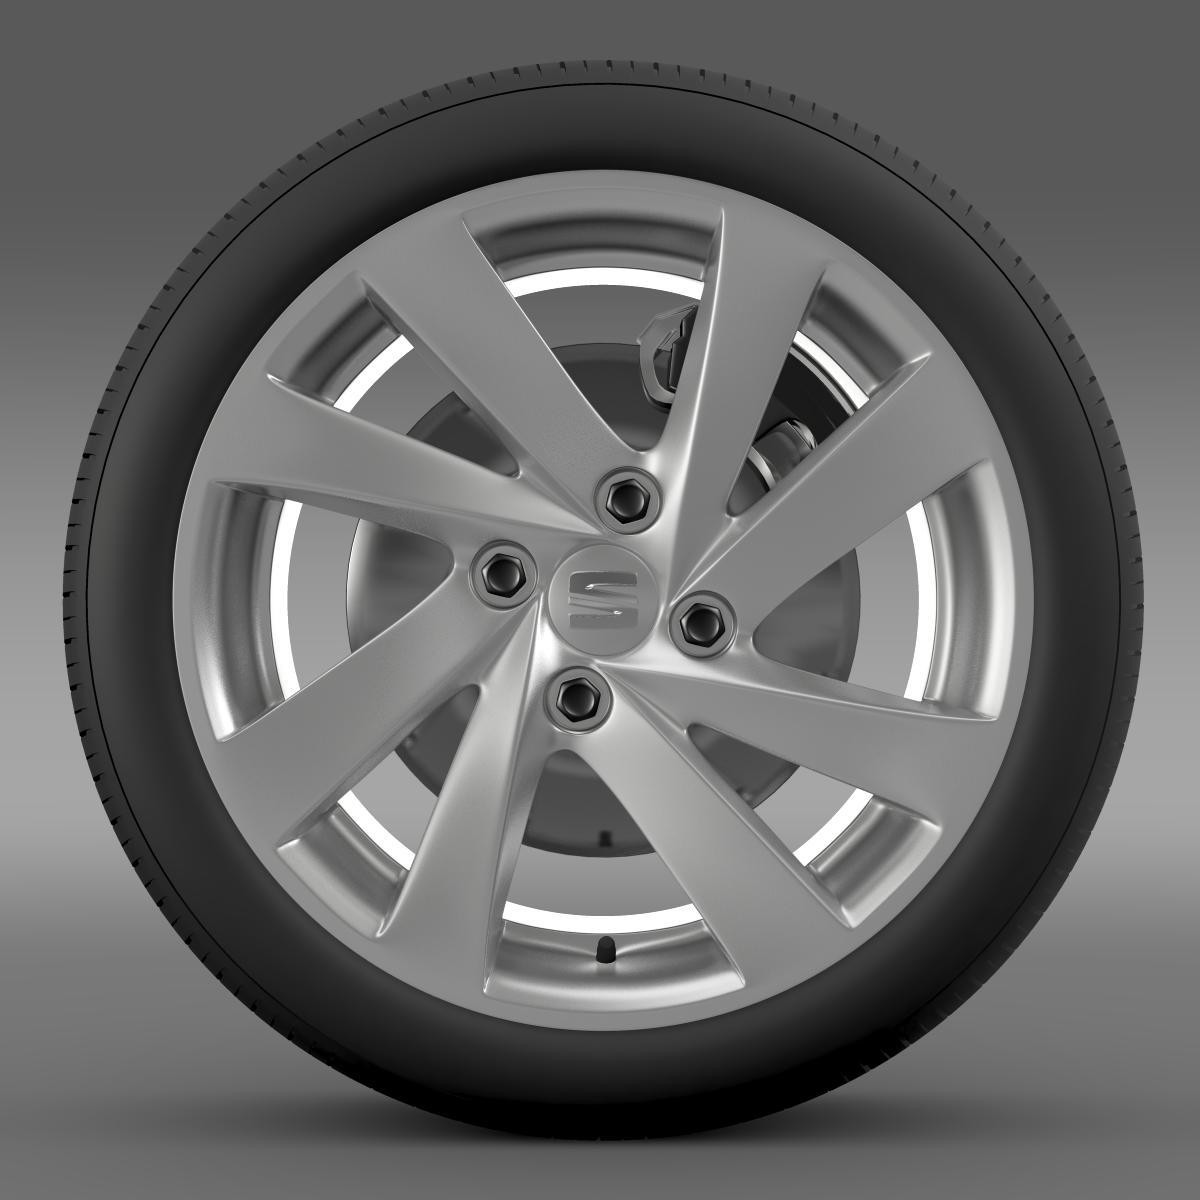 seat mii wheel 3d model 3ds max fbx c4d lwo ma mb hrc xsi obj 210857